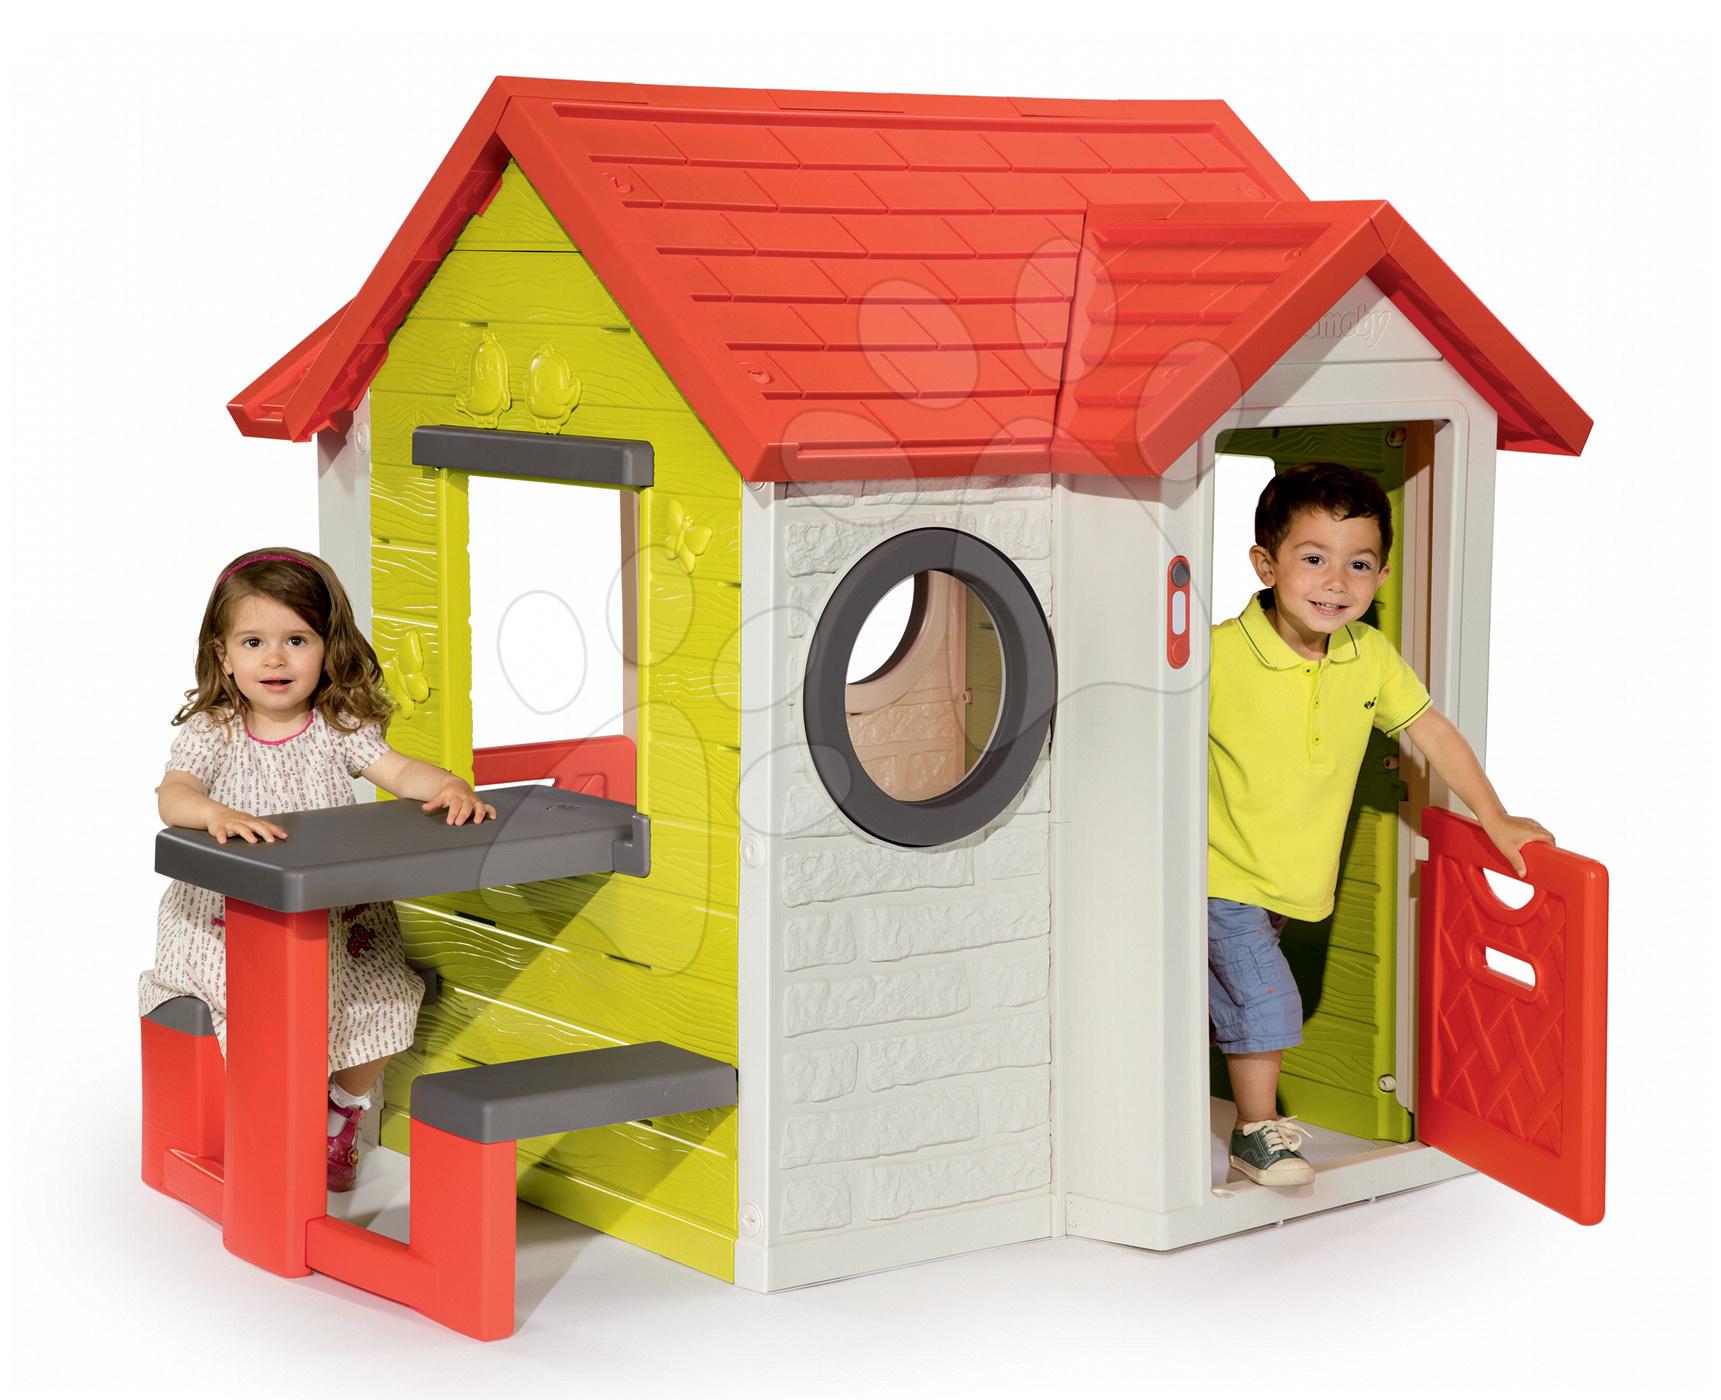 Domeček My House Smoby s 2 dveřmi, elektronickým zvonkem a piknikový stolek